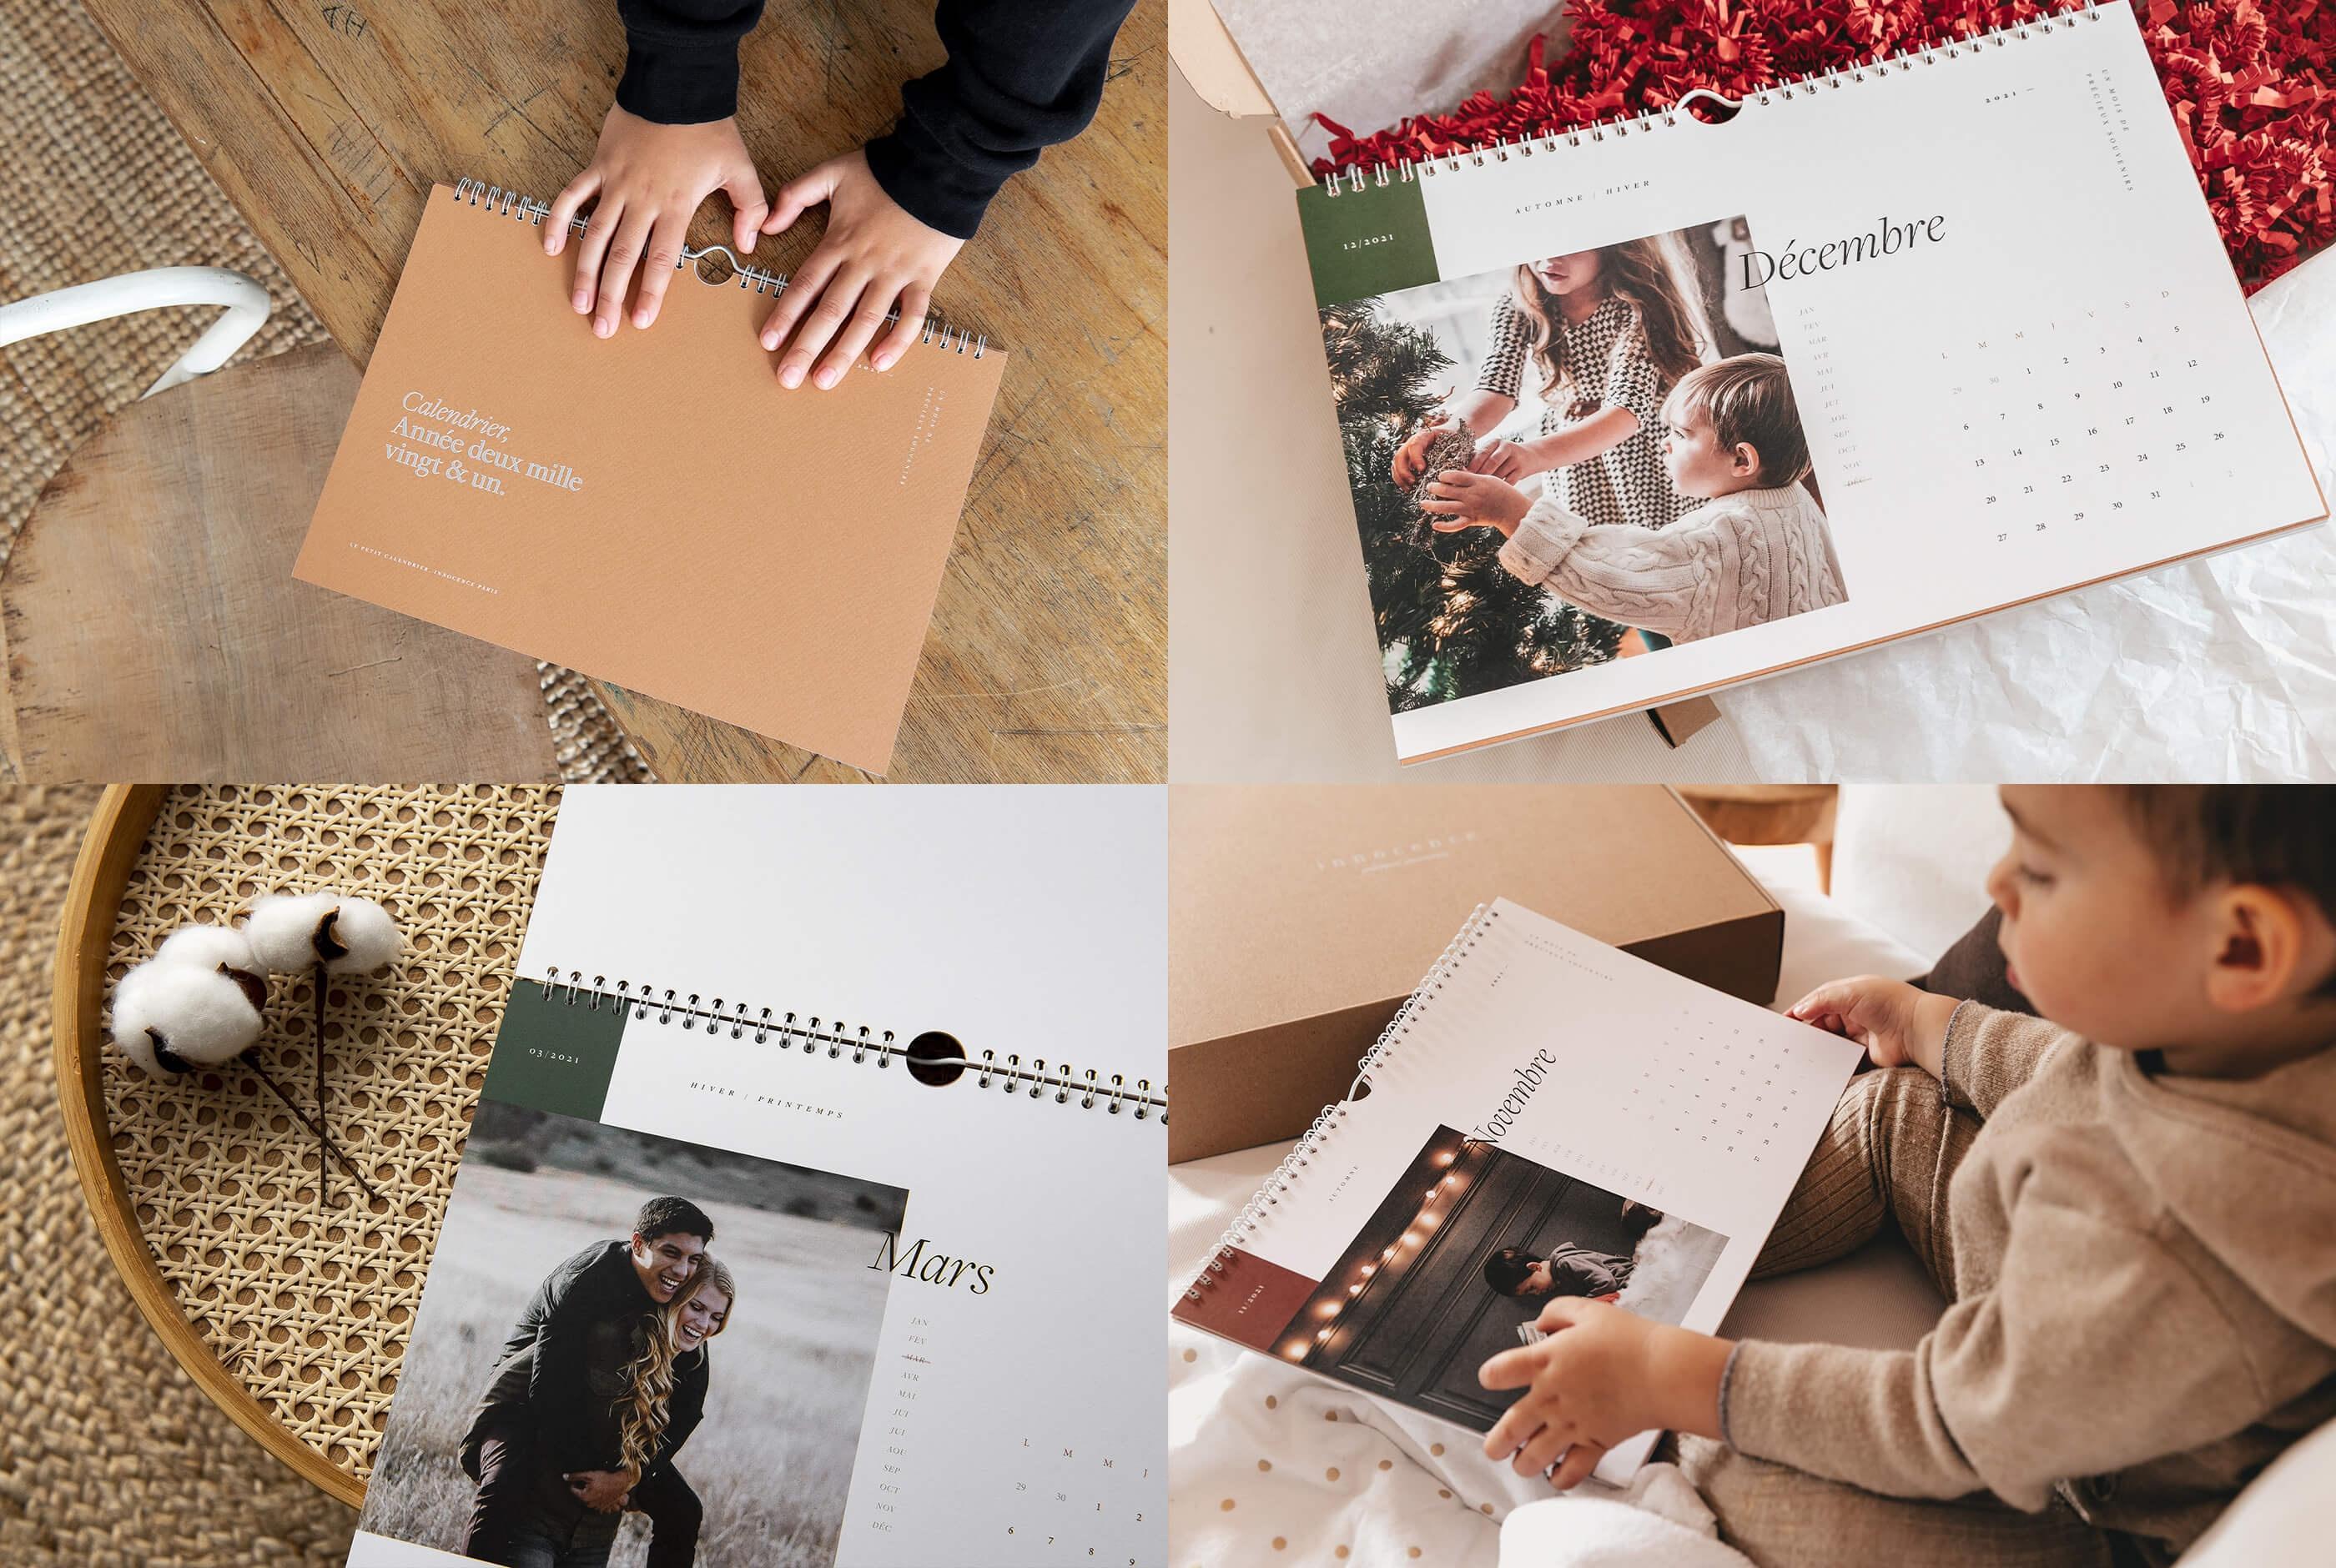 Le calendrier - Calendrier personnalisé - Calendrier photo - Innocence Paris